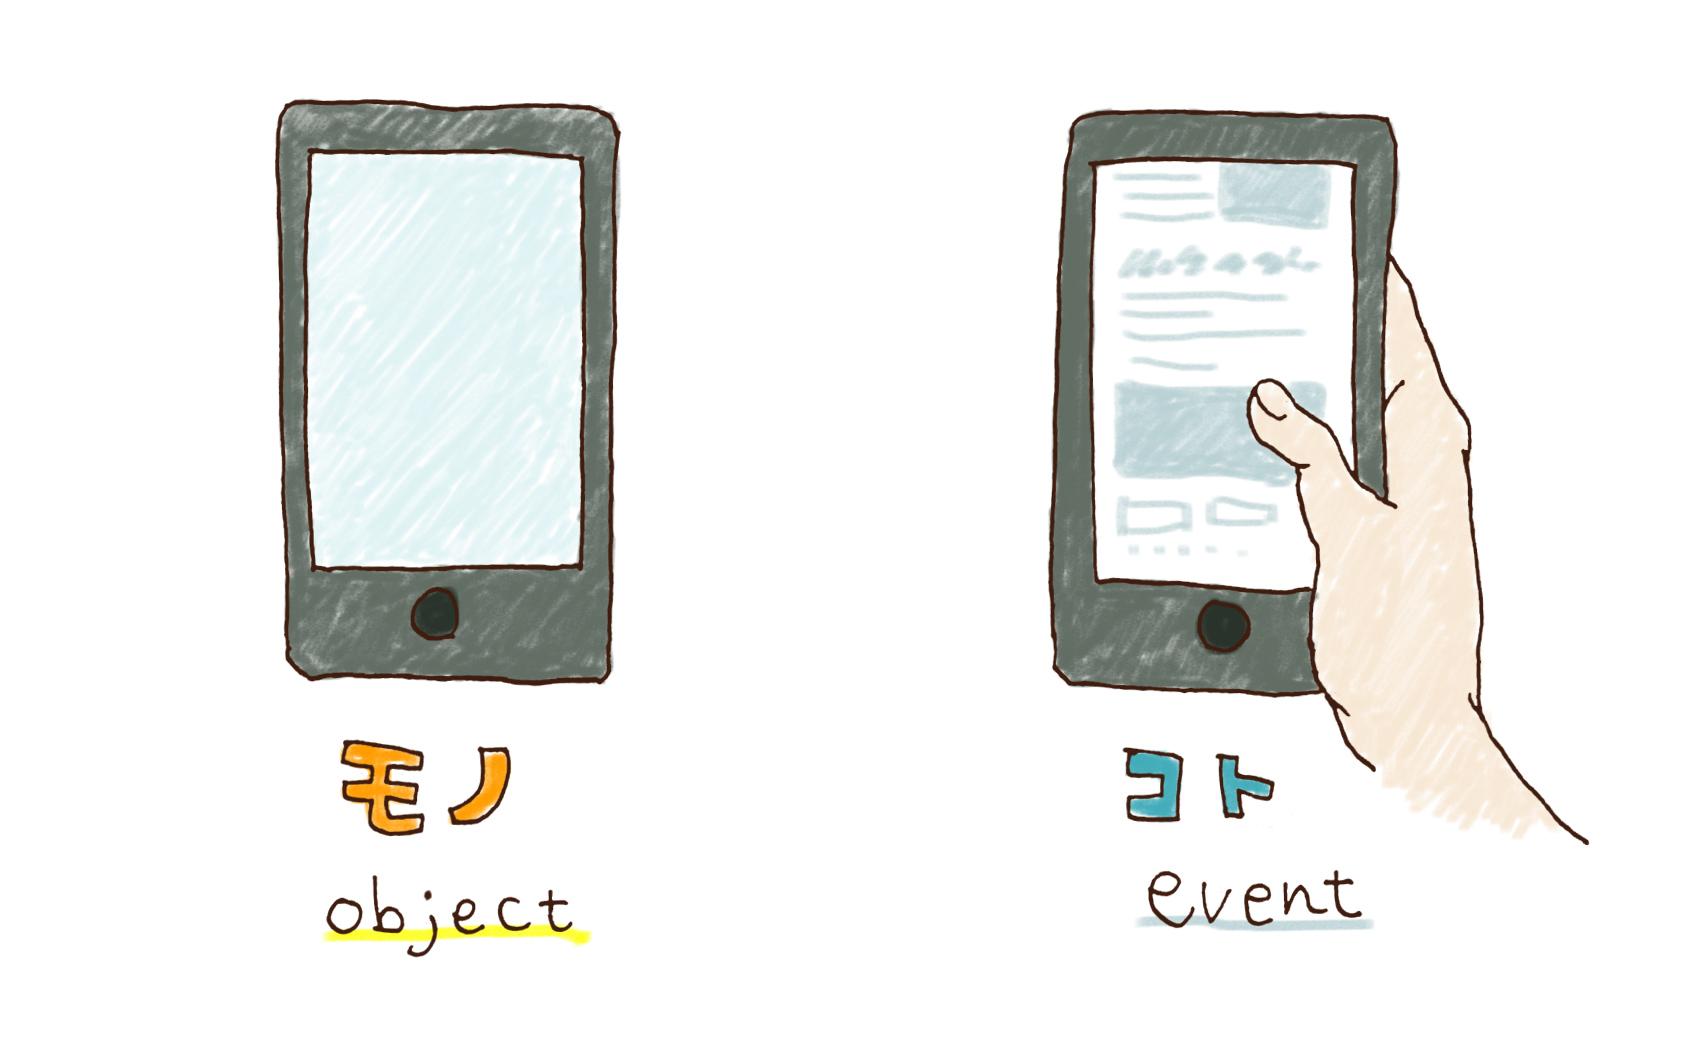 「モノ(object)」と「コト(event)」のイメージ図